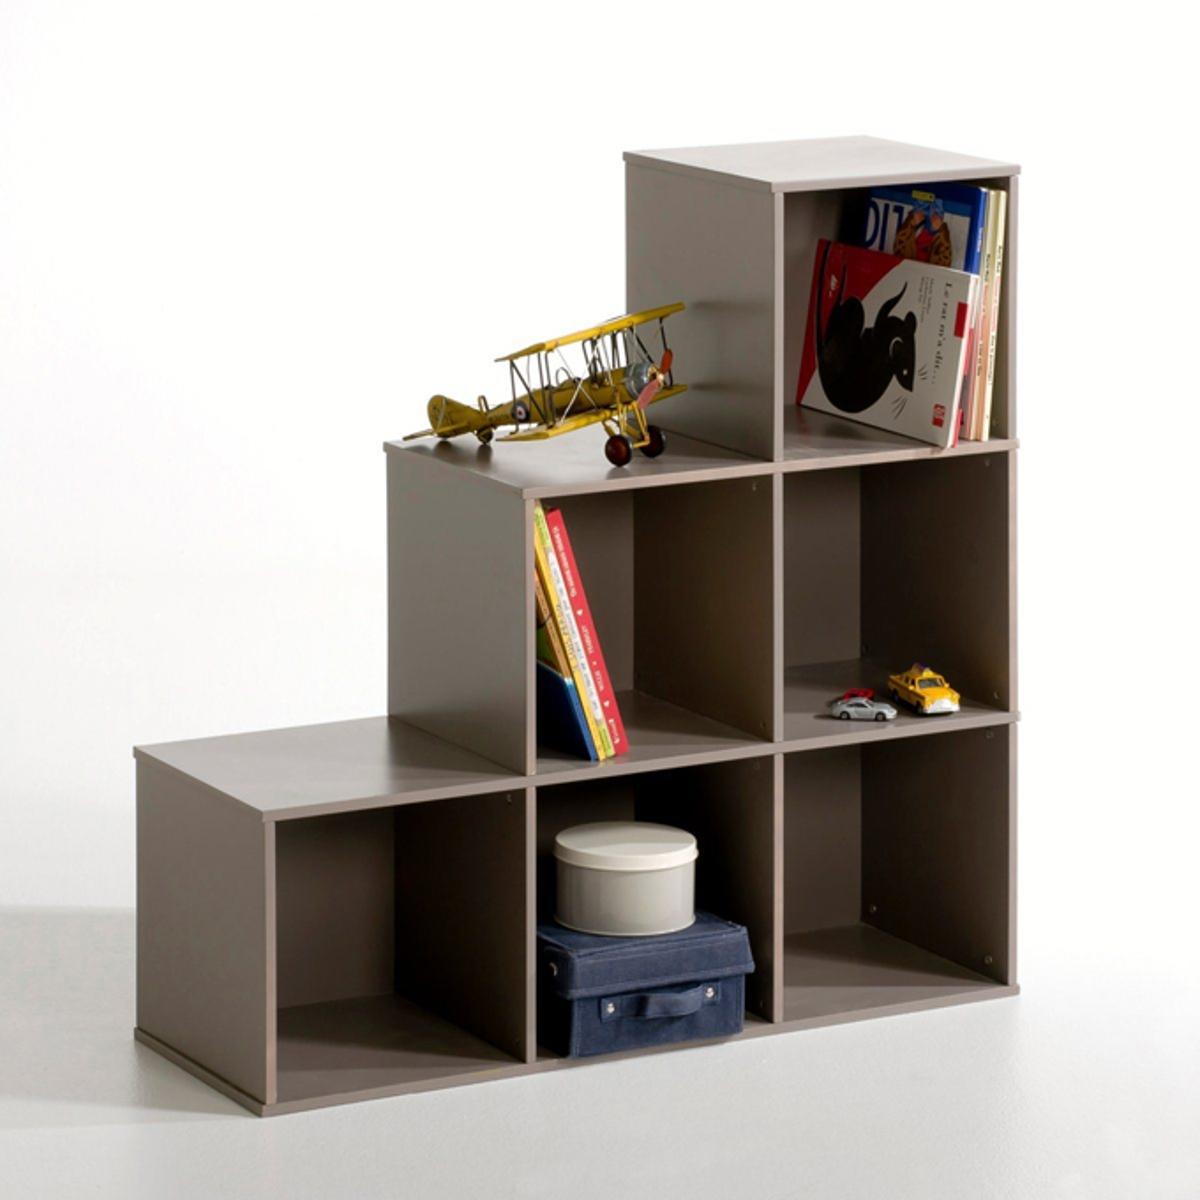 Модуль для хранения с 6 нишами, FenomenМодуль для хранения с 6 нишами. Модуль для хранения с 6 нишами Fenomen выполнен в виде практичной, компактной и красивой лестницы. Можно использовать отдельно для хранения книг, можно дополнить цветными корзинами Fenomen, которые вы найдете на сайте laredoute.ru. Характеристики модуля для хранения Fenomen :Каркас из лакированного МДФ (нитроцеллюлоза), верх: лакированный полиуретанОтделка белого или серо-коричневого цвета.Для модуля для хранения Fenomen предусмотрена самостоятельная сборкаВсю коллекцию Fenomen вы можете найти на сайте laredoute.ruРазмеры модуля для хранения Fenomen :Общие размеры: Ширина : 99 см Высота : 34 см Глубина : 99 см :Ш.30 x В.30 x Г.32 см<br><br>Цвет: серо-коричневый каштан<br>Размер: единый размер